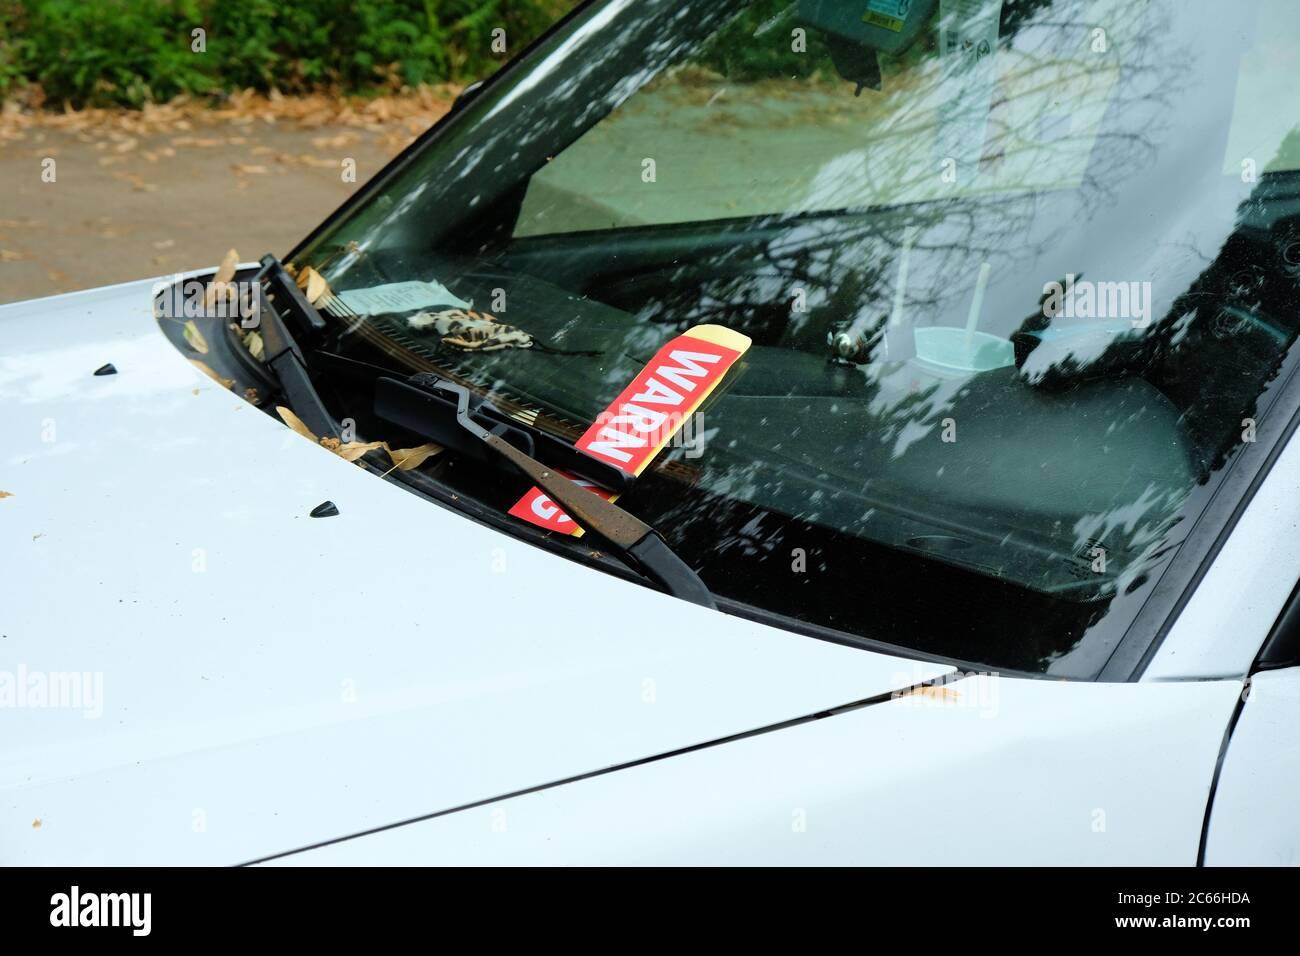 Aviso de boleto rojo de violación de estacionamiento en un parabrisas debajo de la escobilla del limpiaparabrisas de un auto blanco para vehículos de estacionamiento donde no está permitido; Portland, OR. Foto de stock